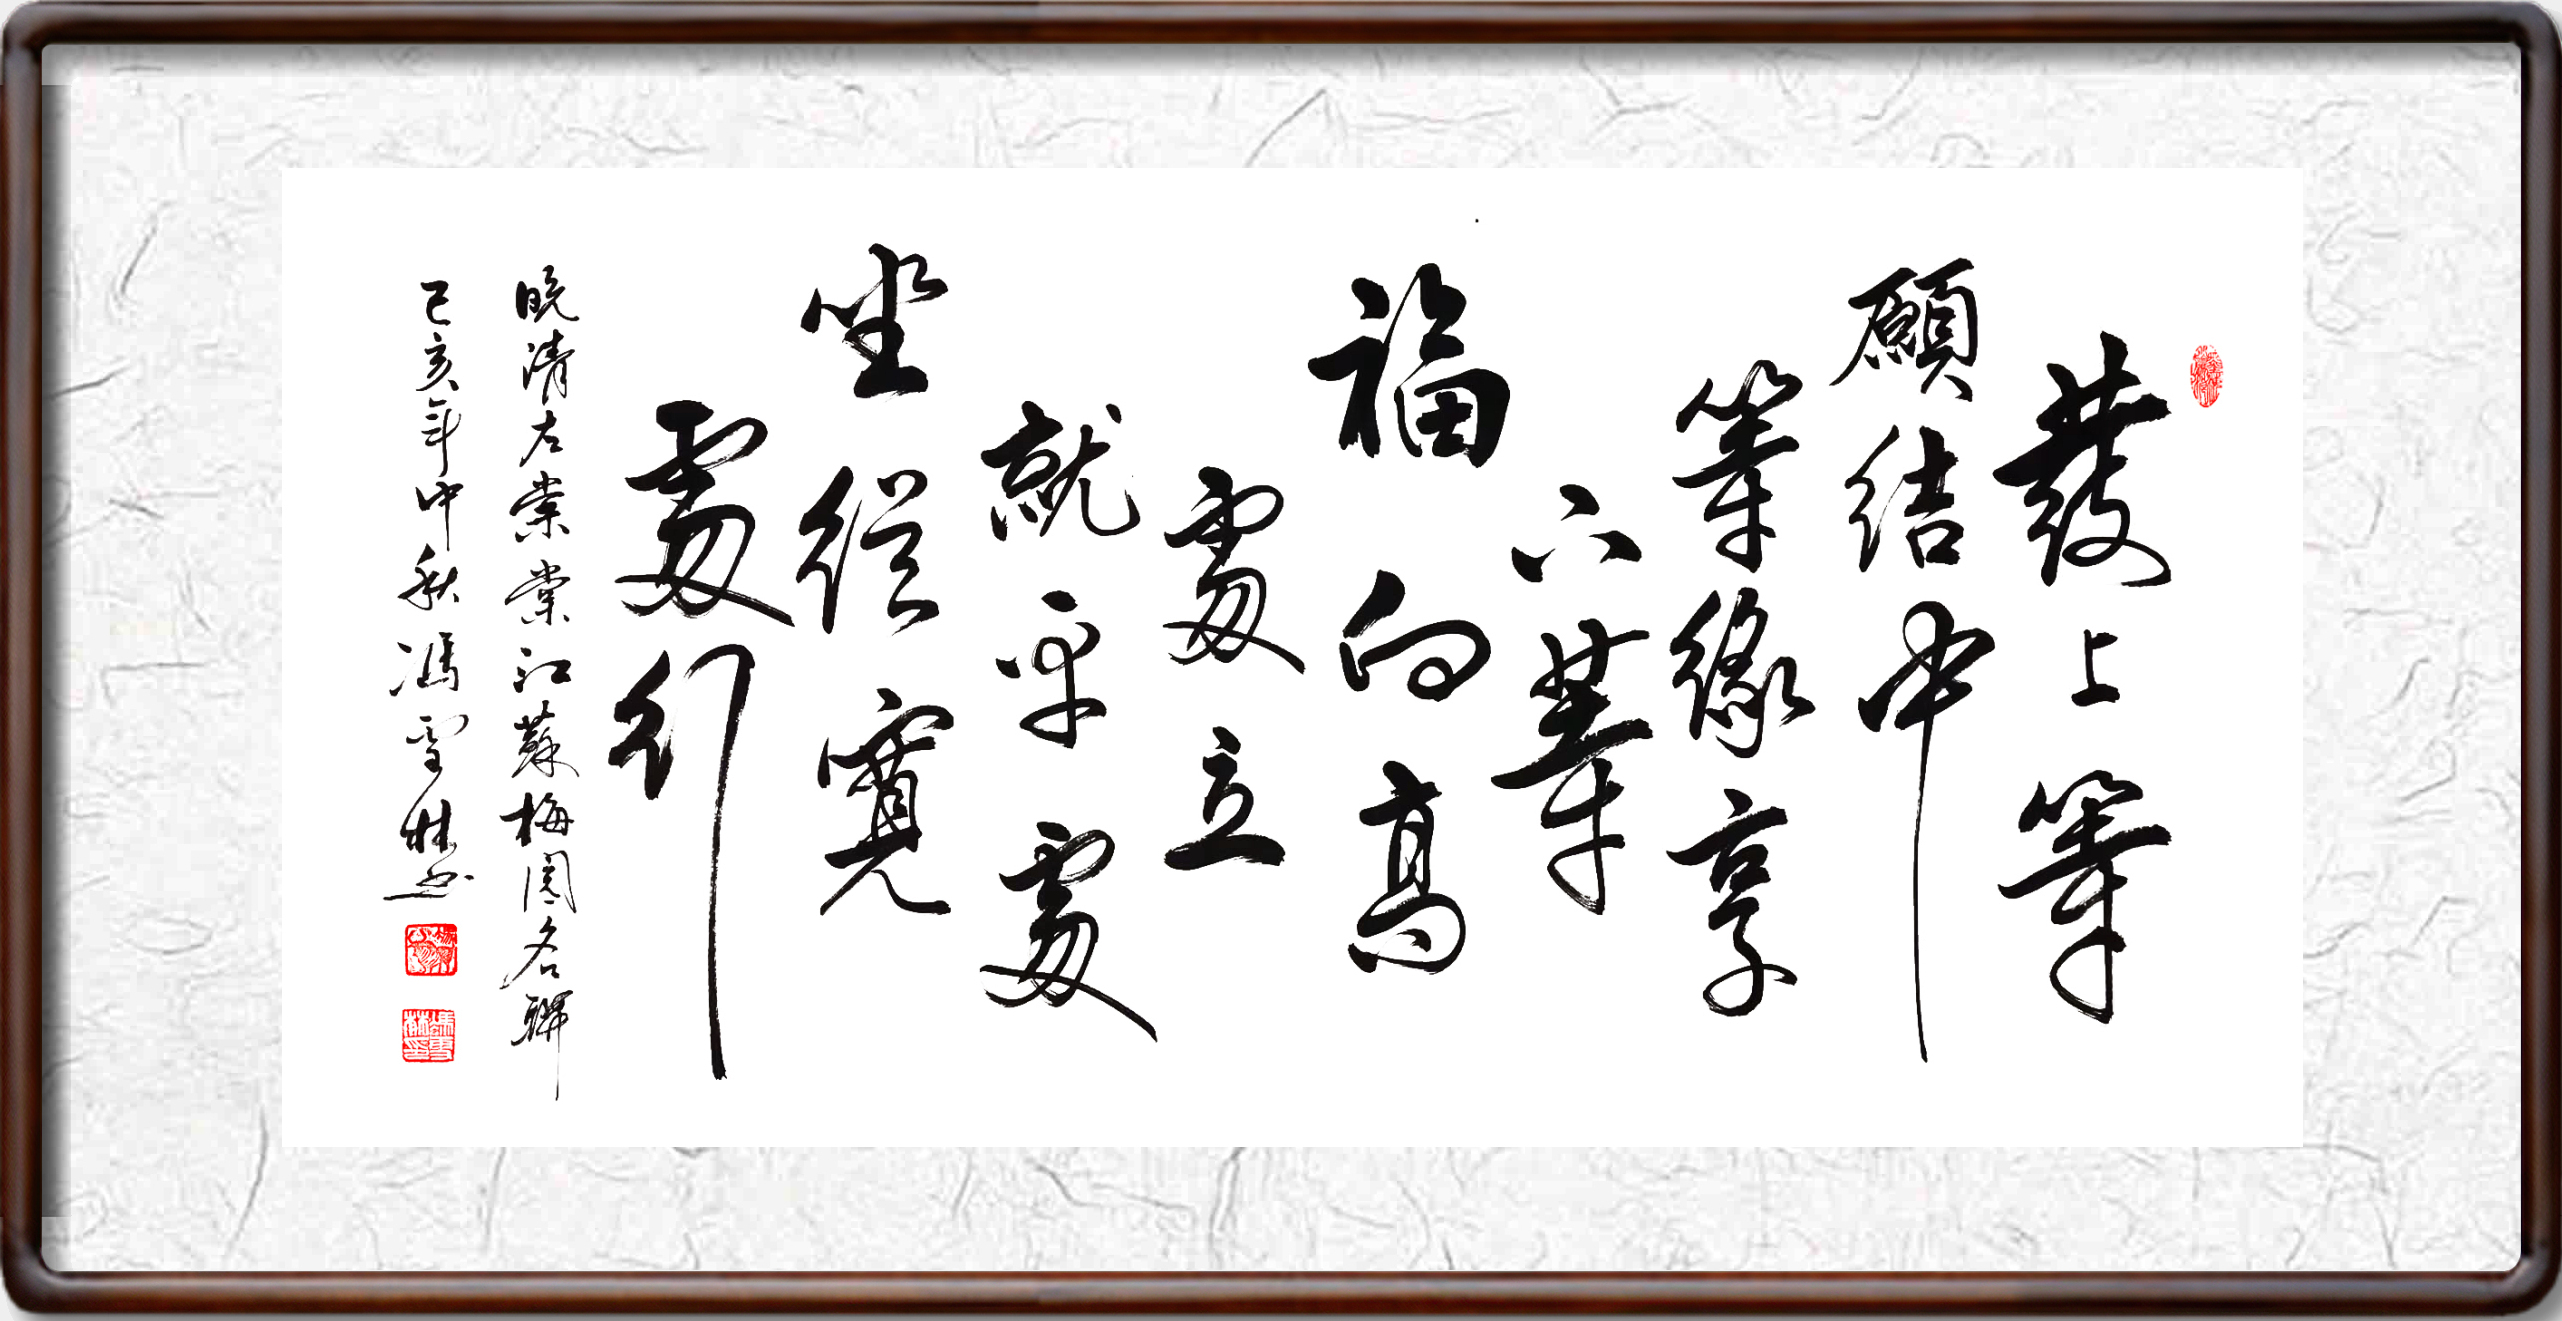 左宗棠发上等愿书法图片草书